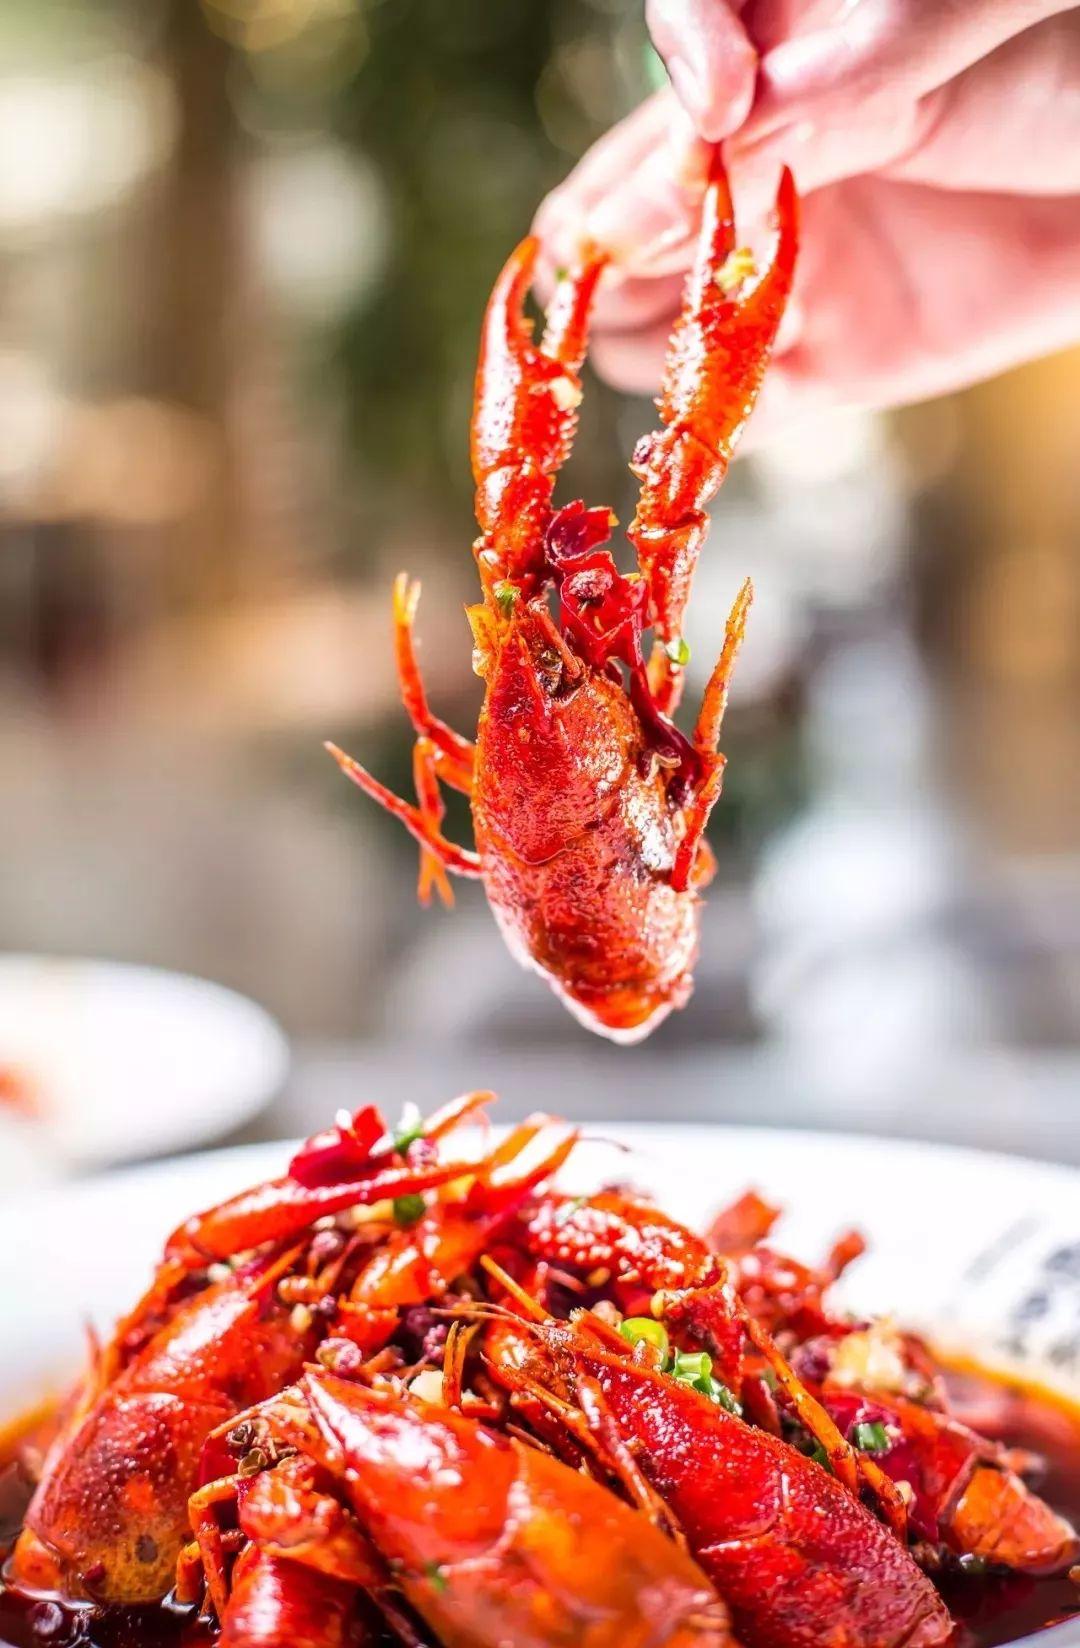 深圳人的暑假福利 9.9开吃小龙虾 海鲜大餐